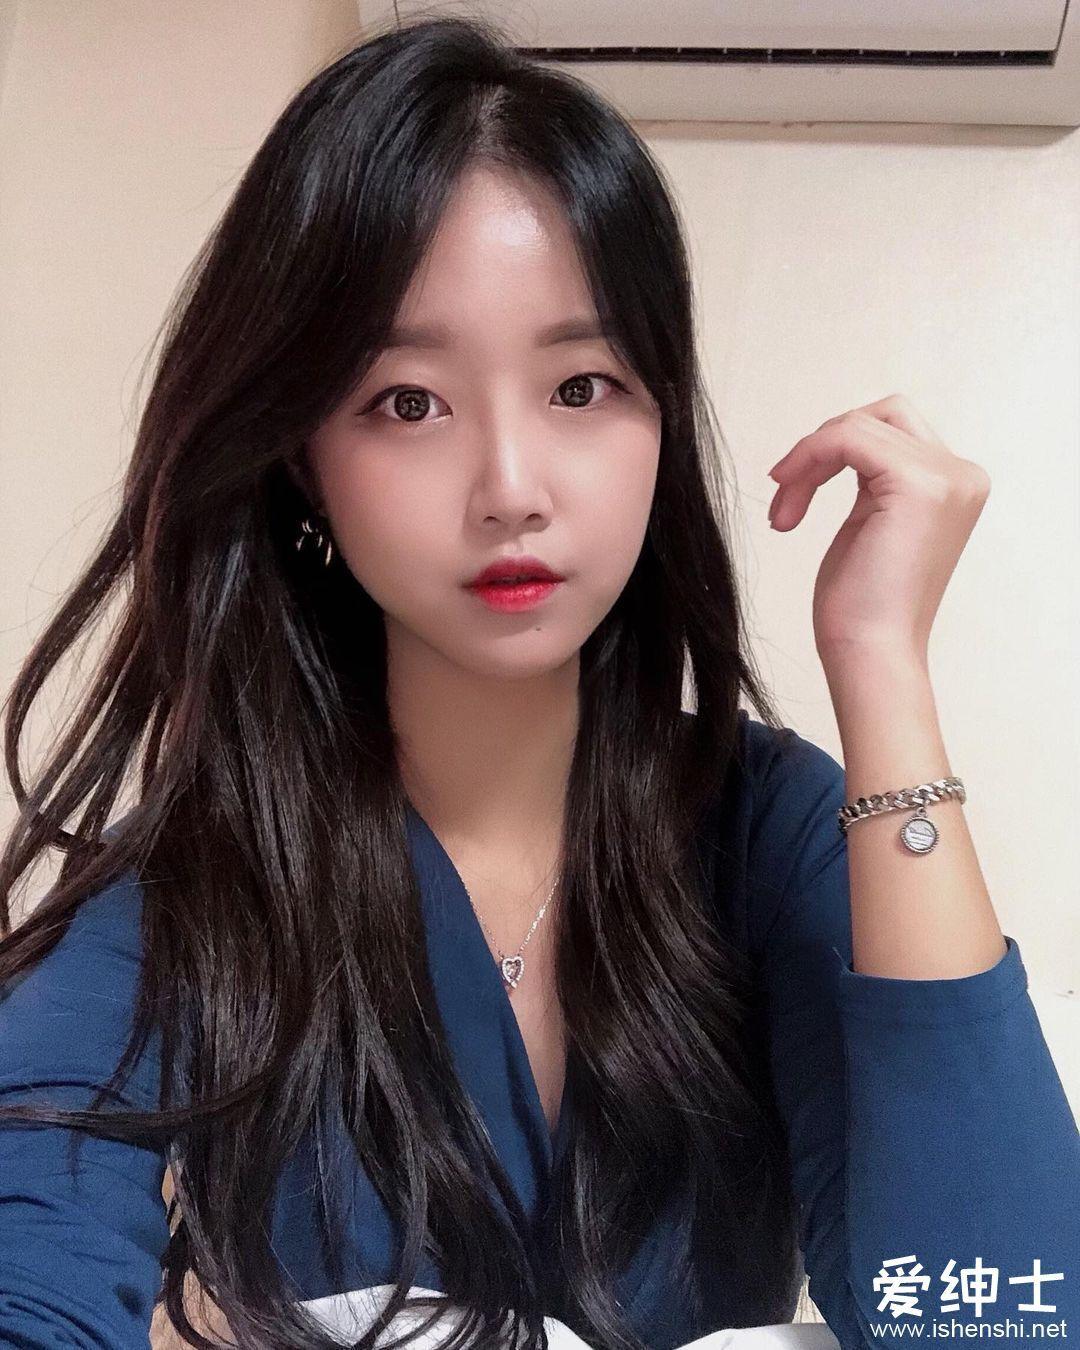 韩国人气美女模特「Rumi」转行当健身网红「结实腹肌+S型曲线」辣到流鼻血